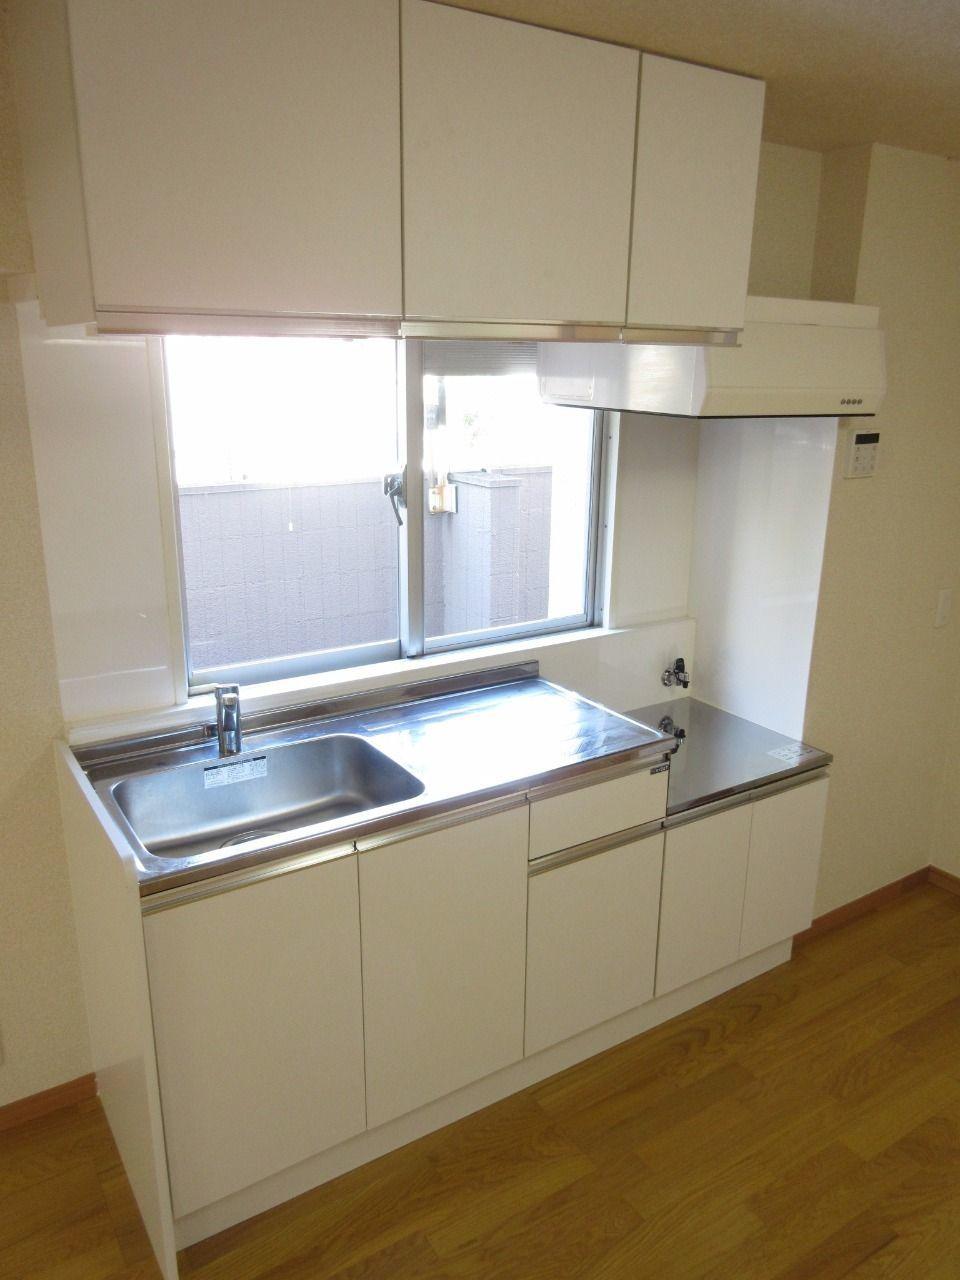 窓付の明るい空間で料理できるシステムキッチン